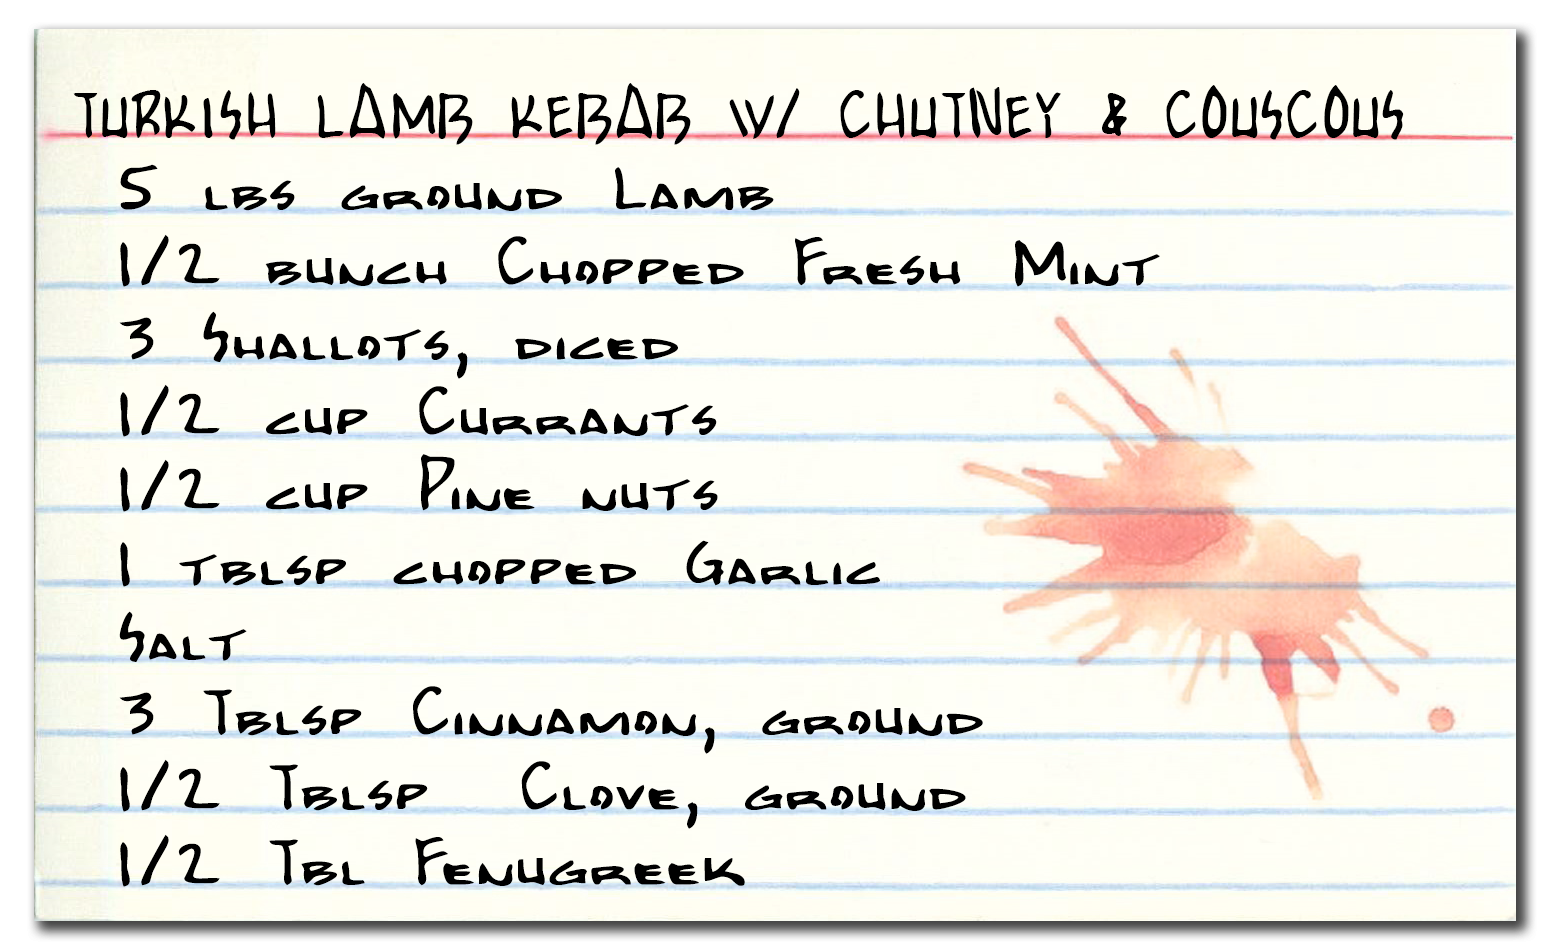 Turkish lamb kebab recipe link